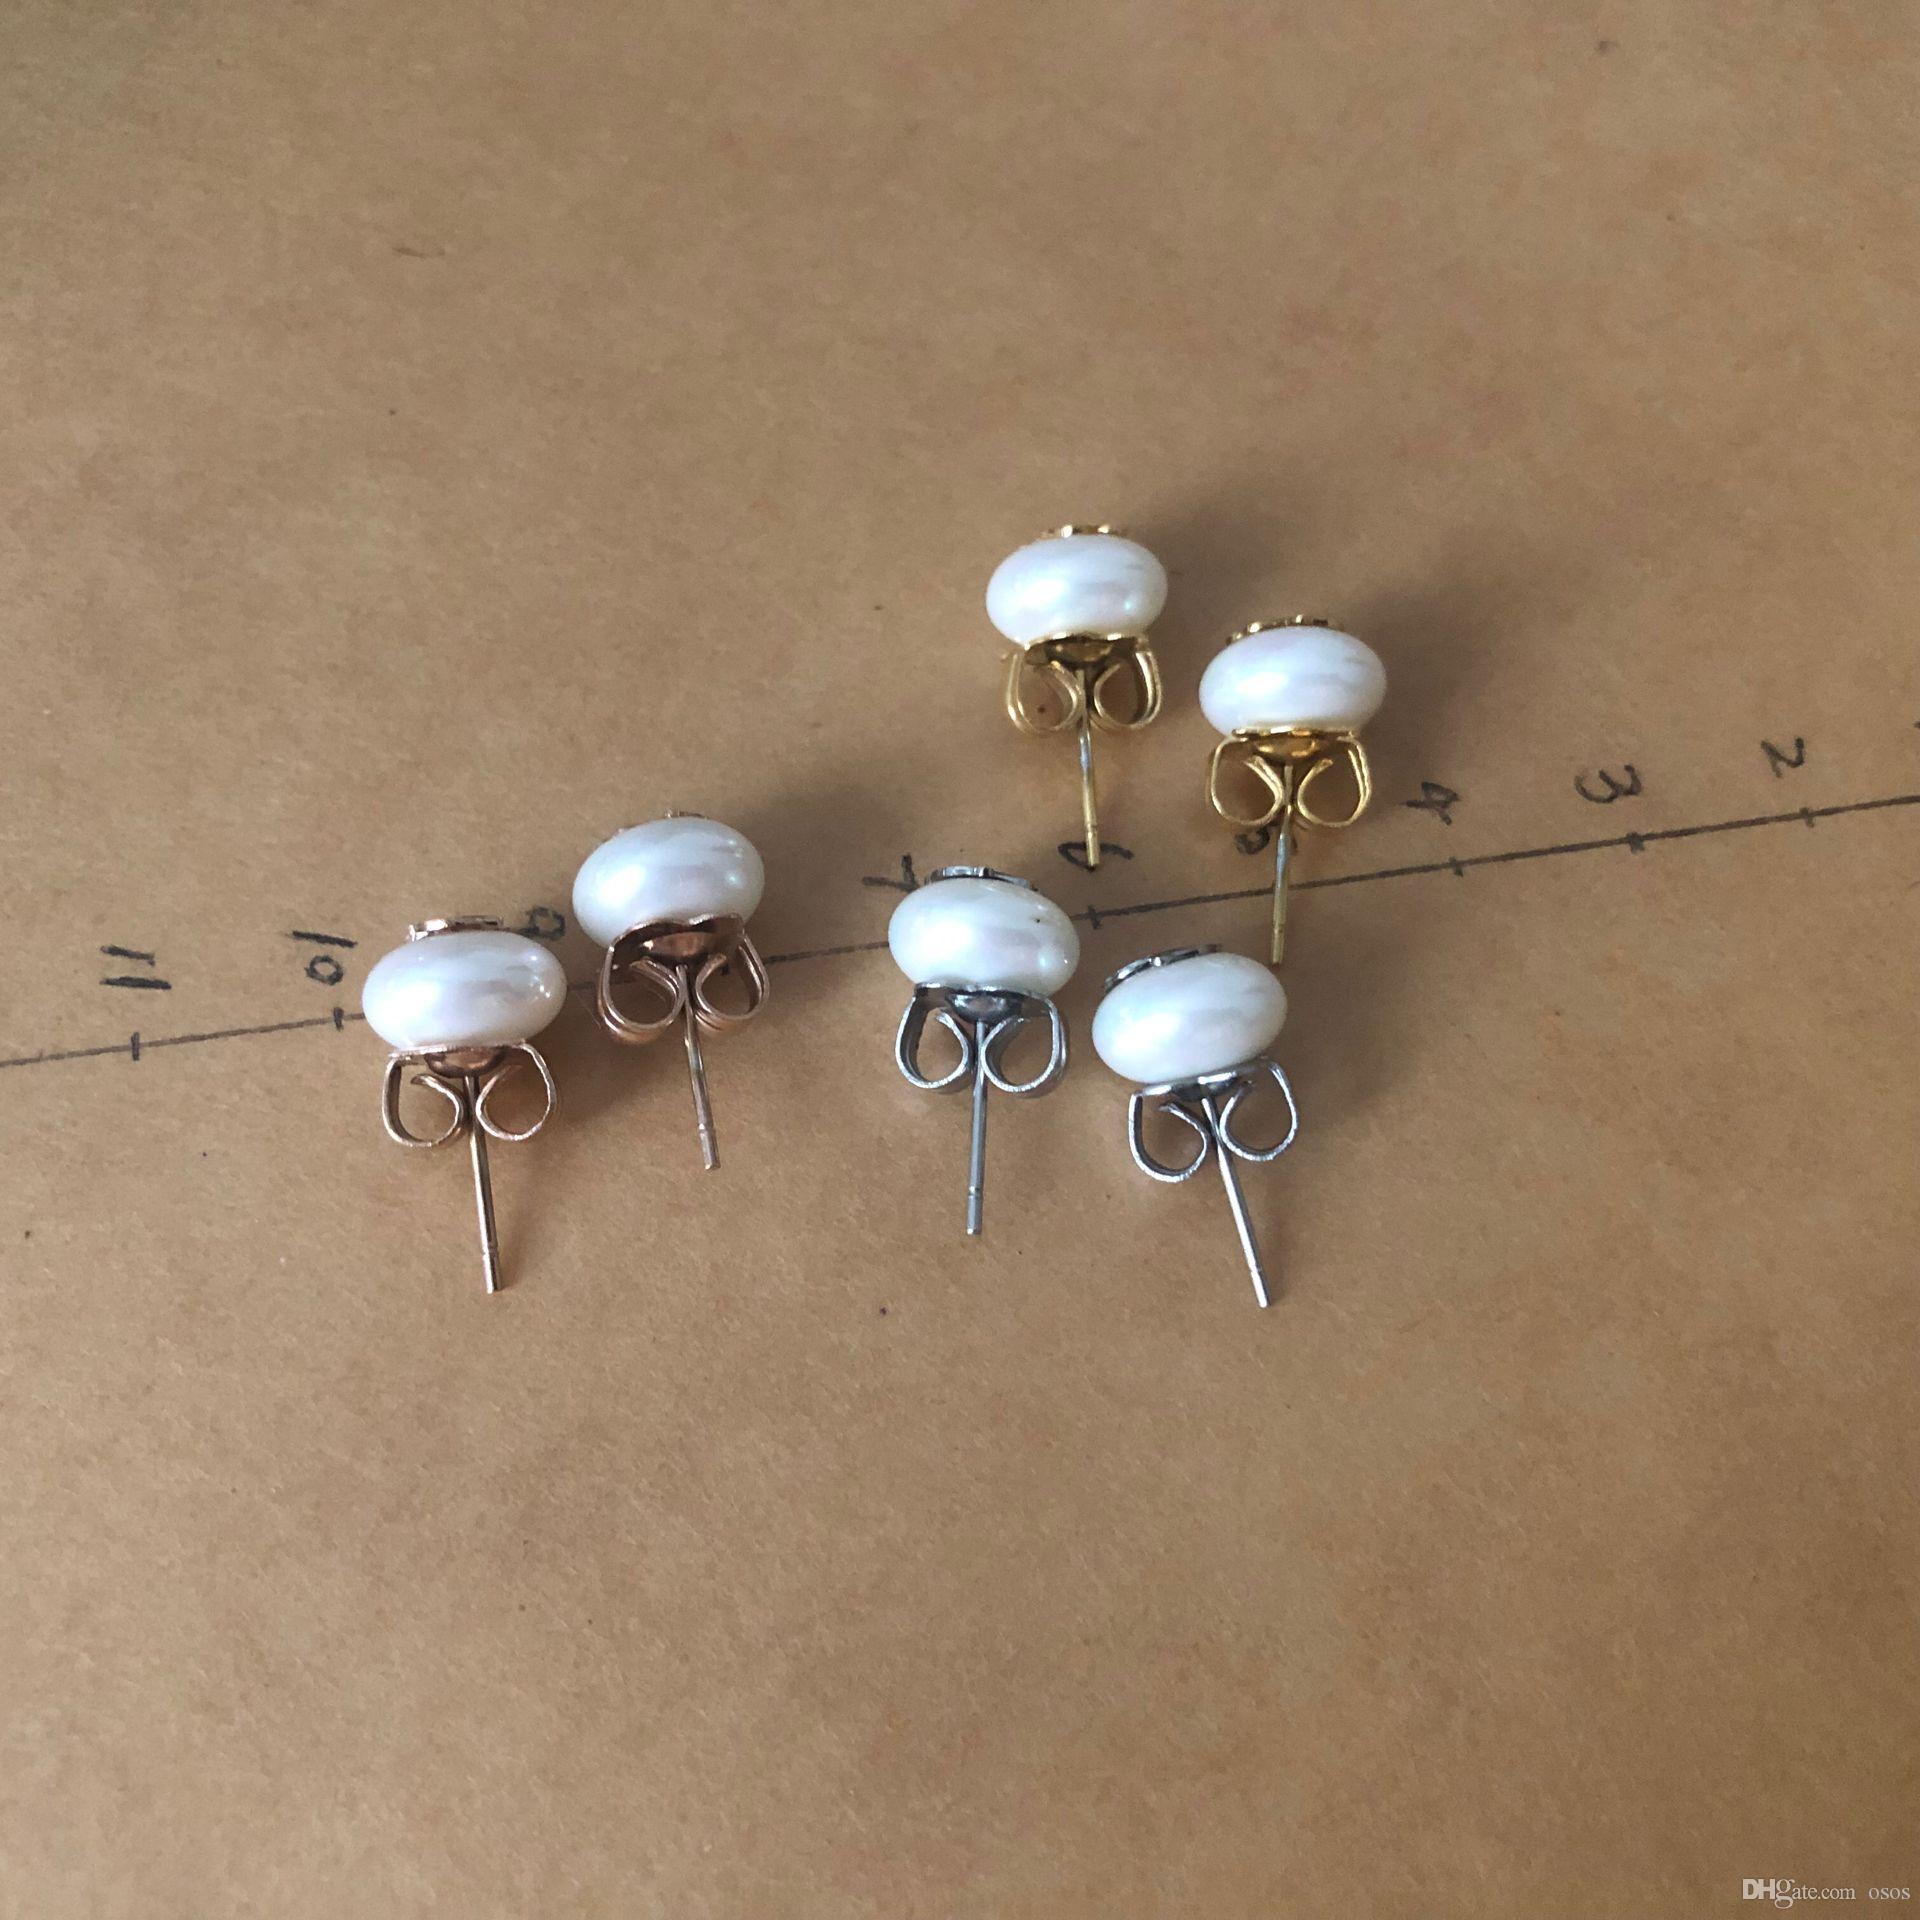 도매 패션 스테인레스 스틸 여성은 금 실버 쉘 진주 3 색 보석 파티 귀여운 곰 스타일의 선물 귀걸이 귀걸이 도금